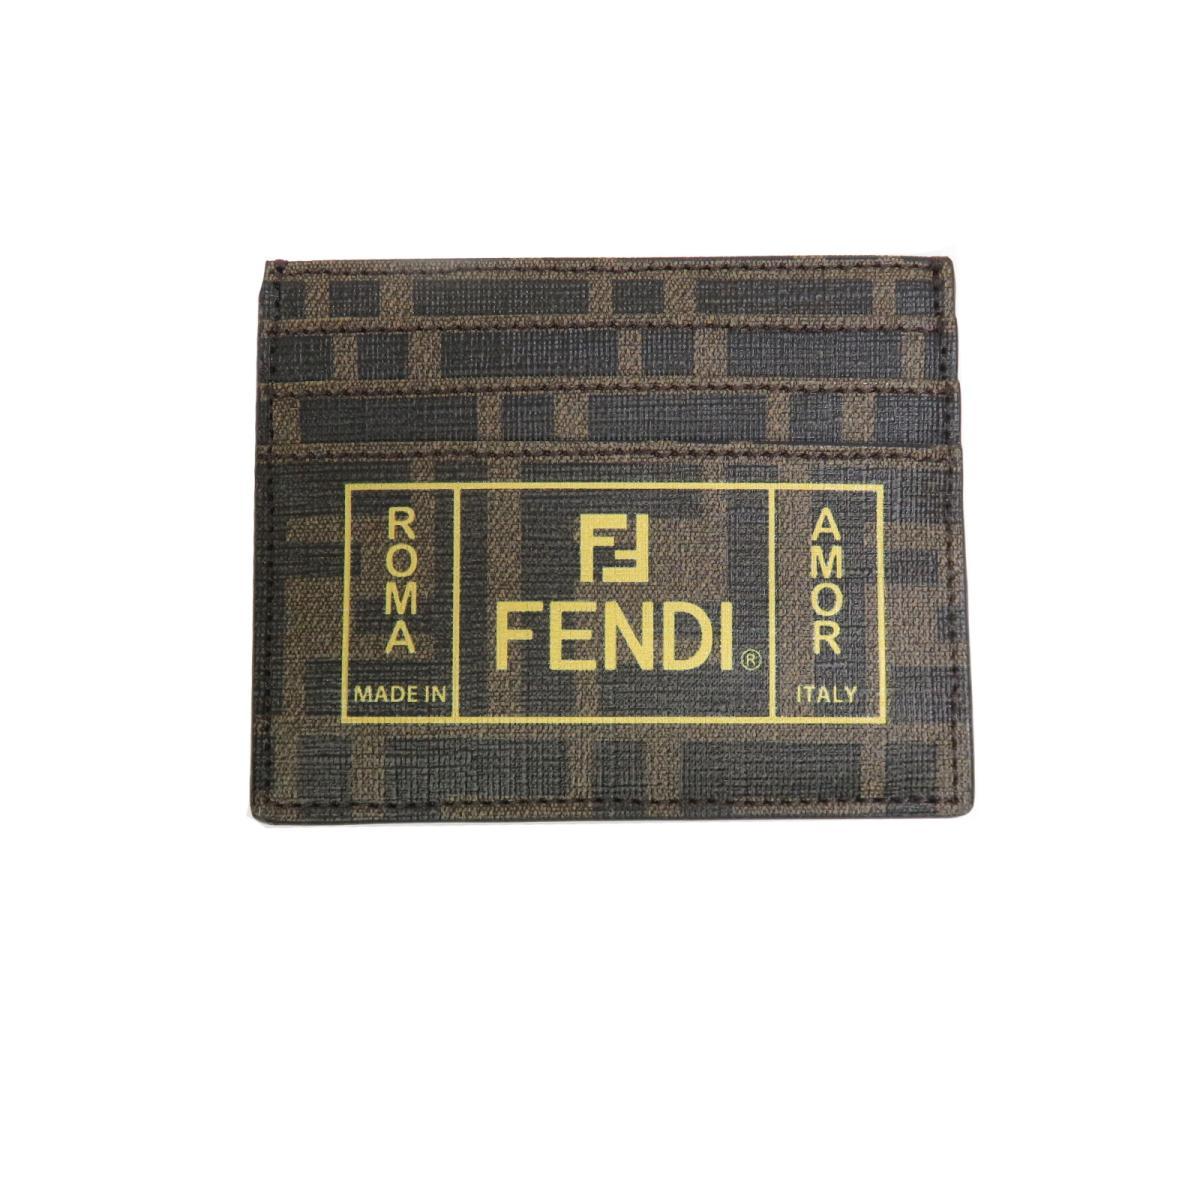 【中古】 フェンディ ファブリック カードケース メンズ レディース 塩化ビニールコーティング ブラウン (7M0164A7SBF17HW)   FENDI BRANDOFF ブランドオフ ブランド 定期入れ パスケース